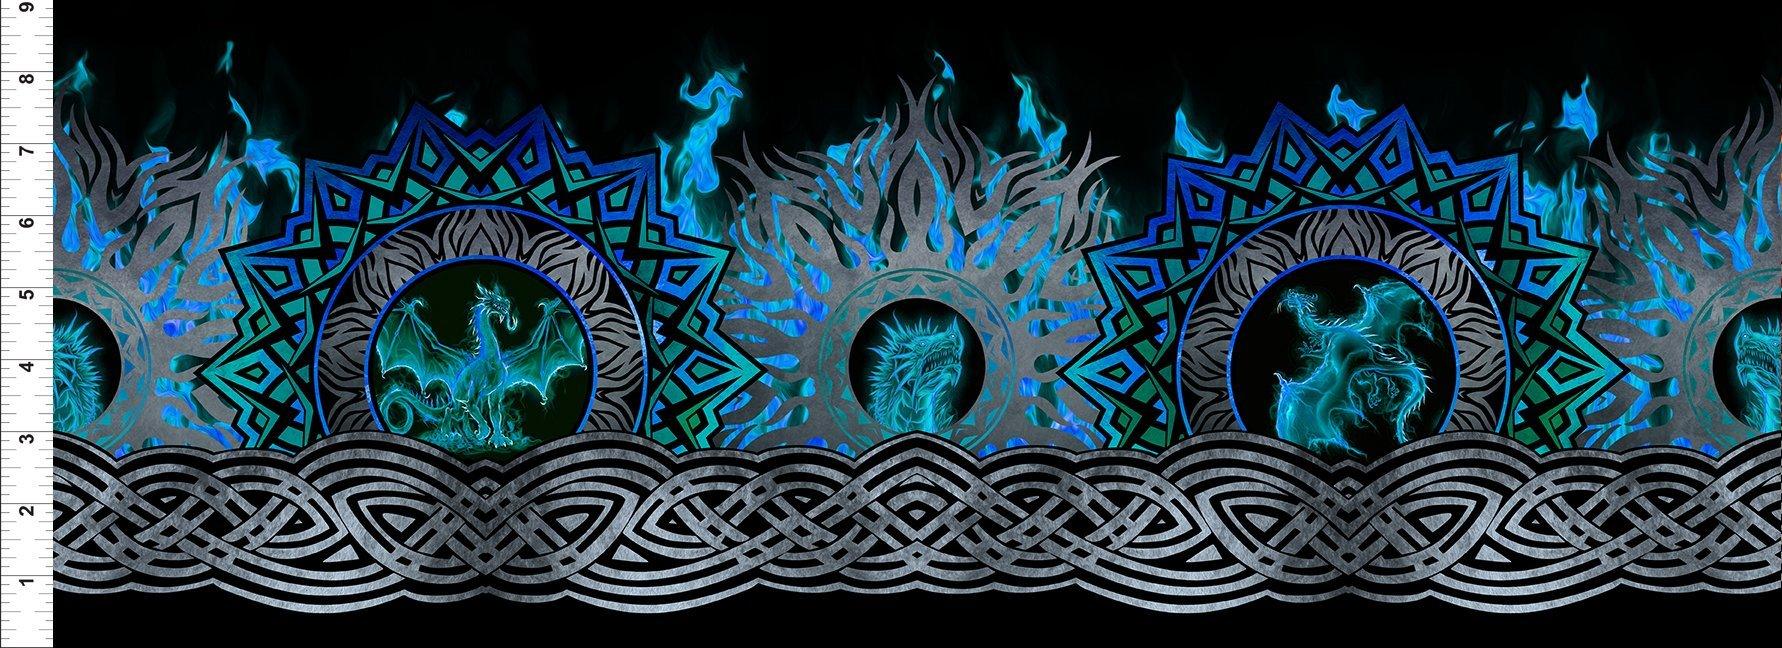 Dragons - Flame Border Strip - Blue Fury - Digital